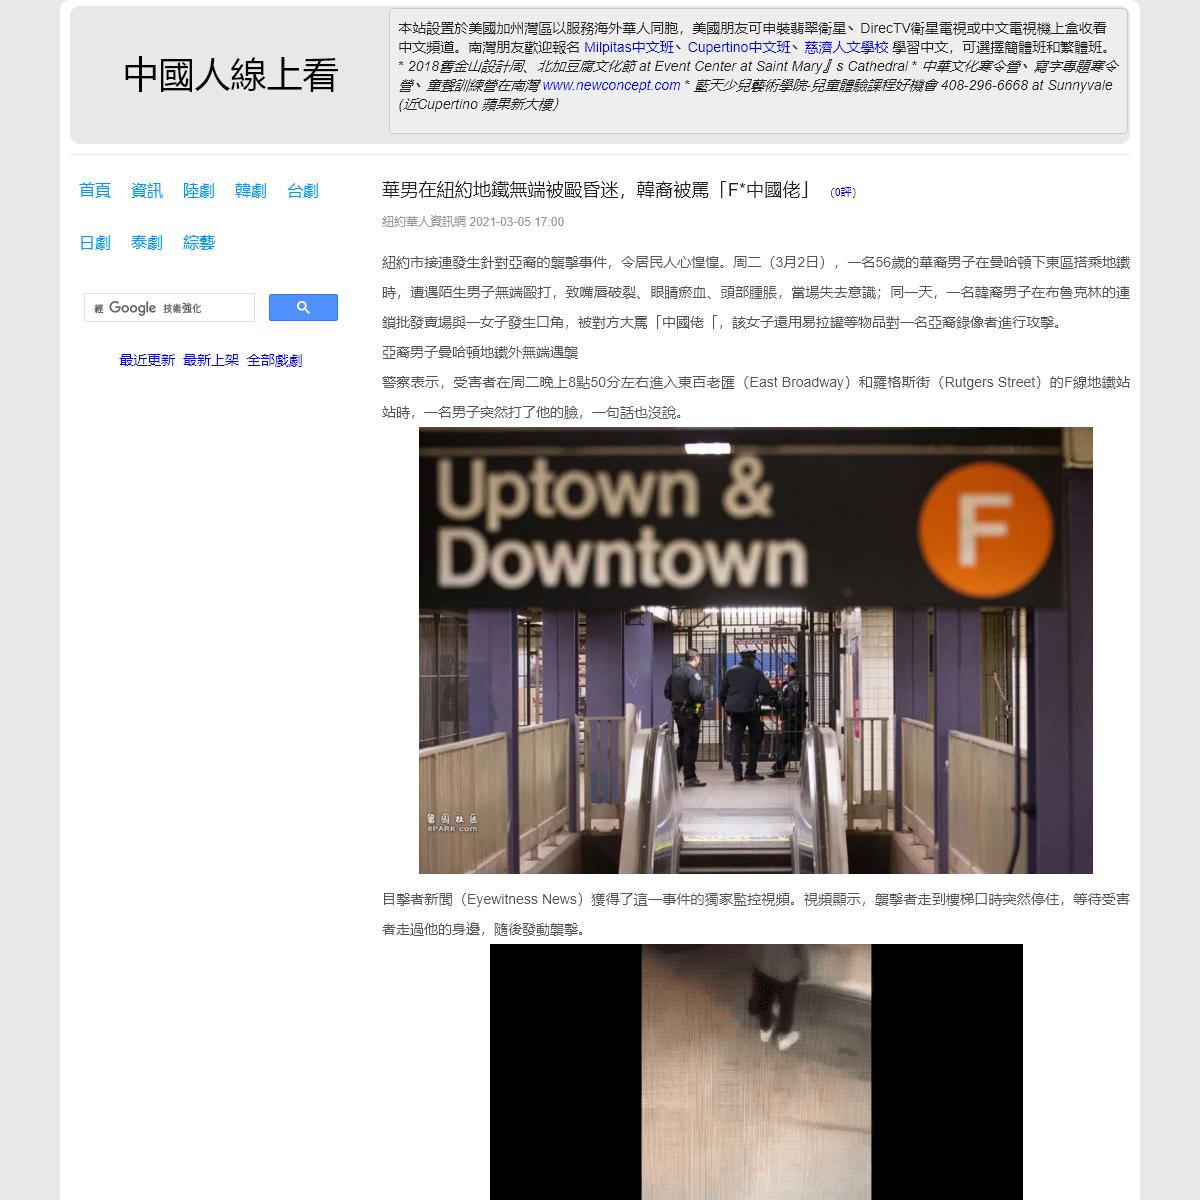 華男在紐約地鐵無端被毆昏迷,韓裔被罵「F-中國佬」 - 中國人線上看